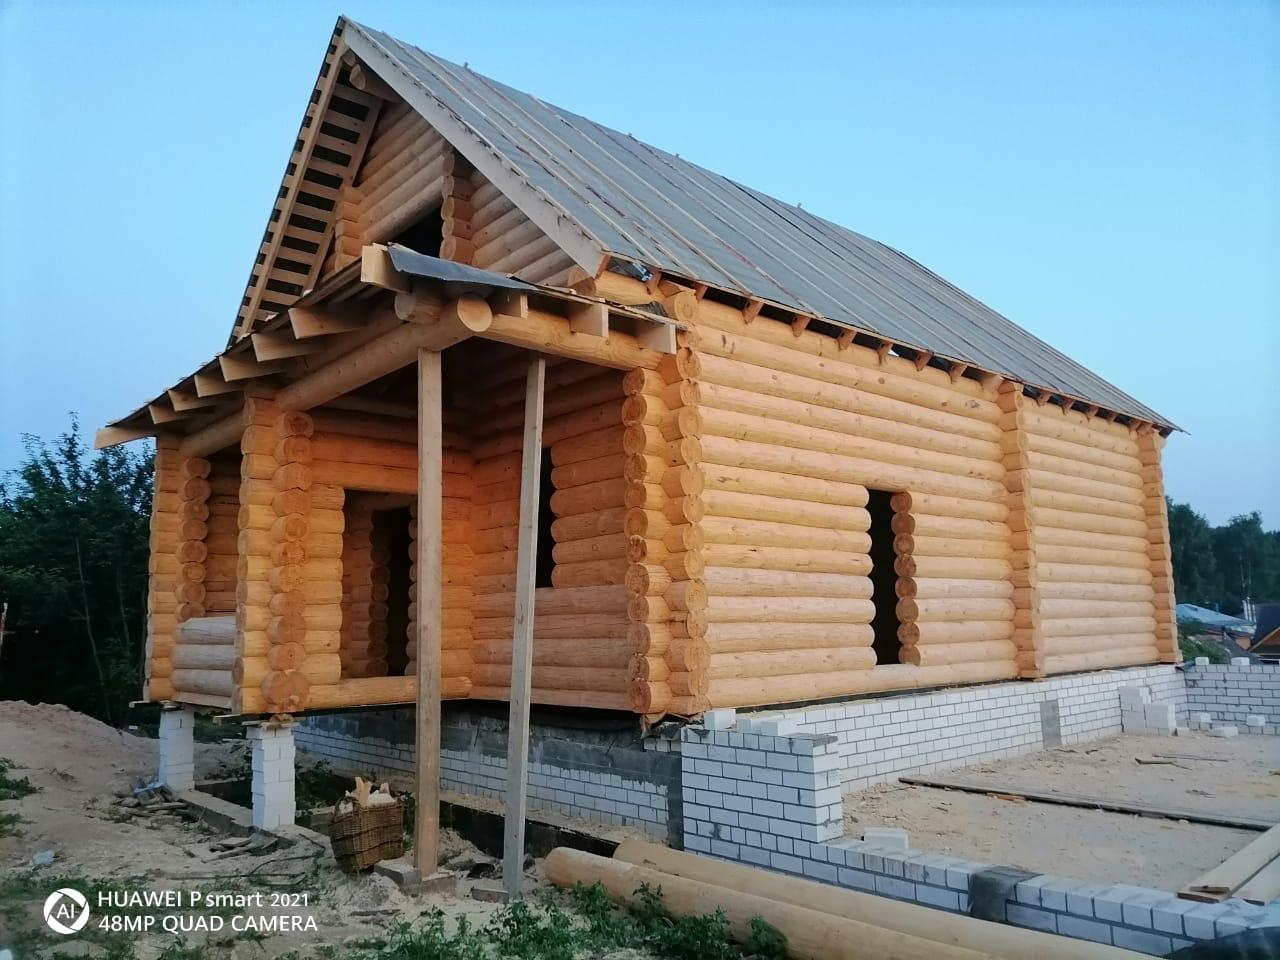 Фото: Двухэтажный дом из остроганного бревна с высокой мансардой в Нижегородской области